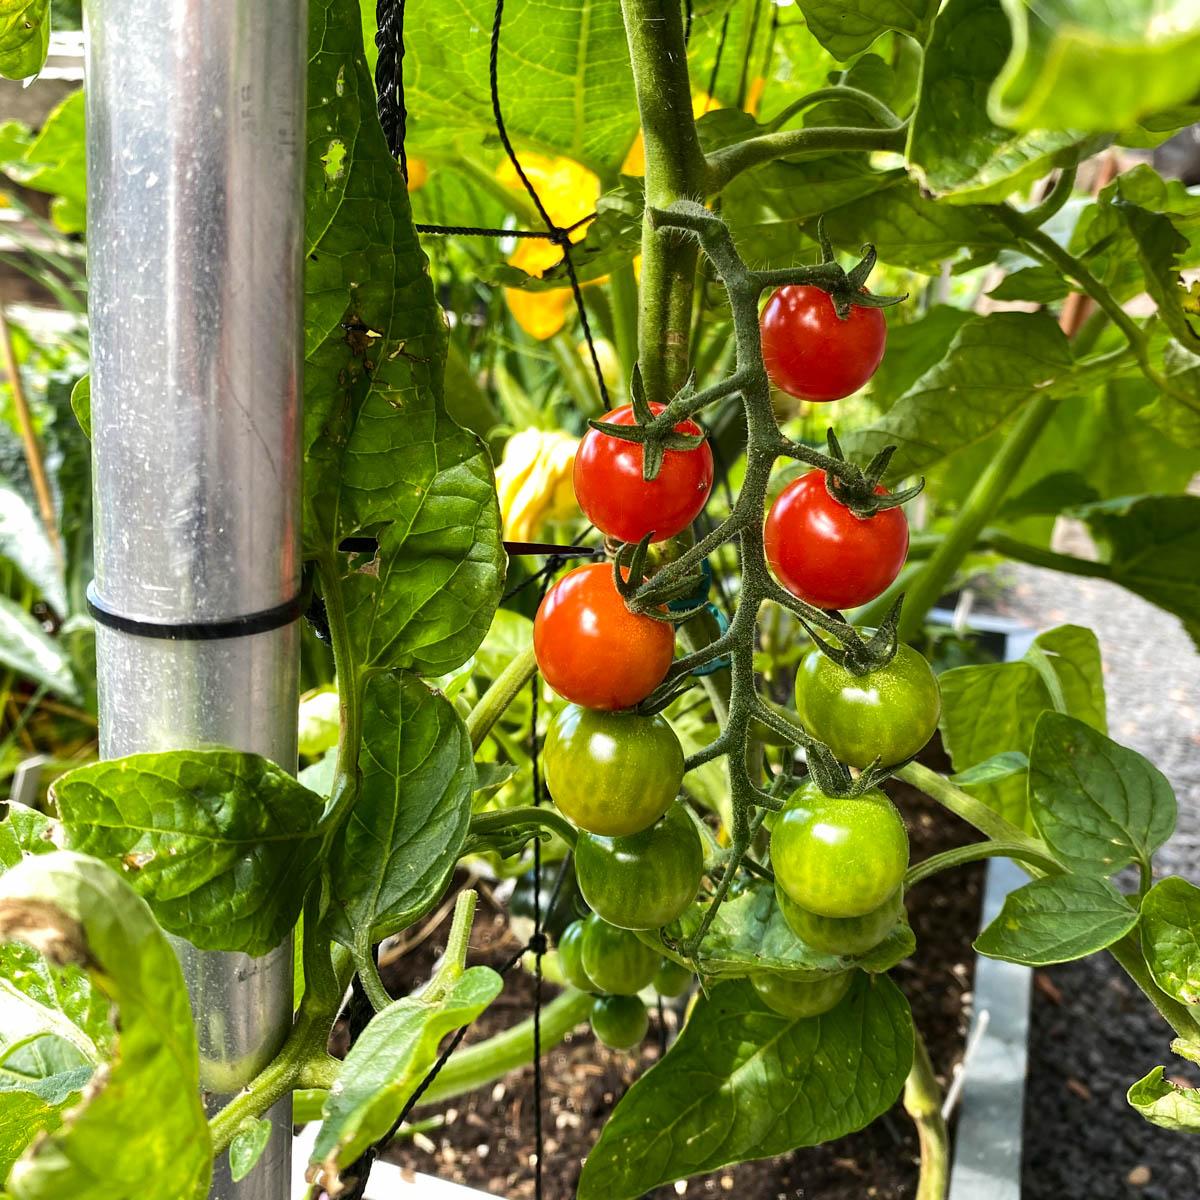 De eerste tomaatjes zijn rijp om te plukken in de Makkelijke Moestuin